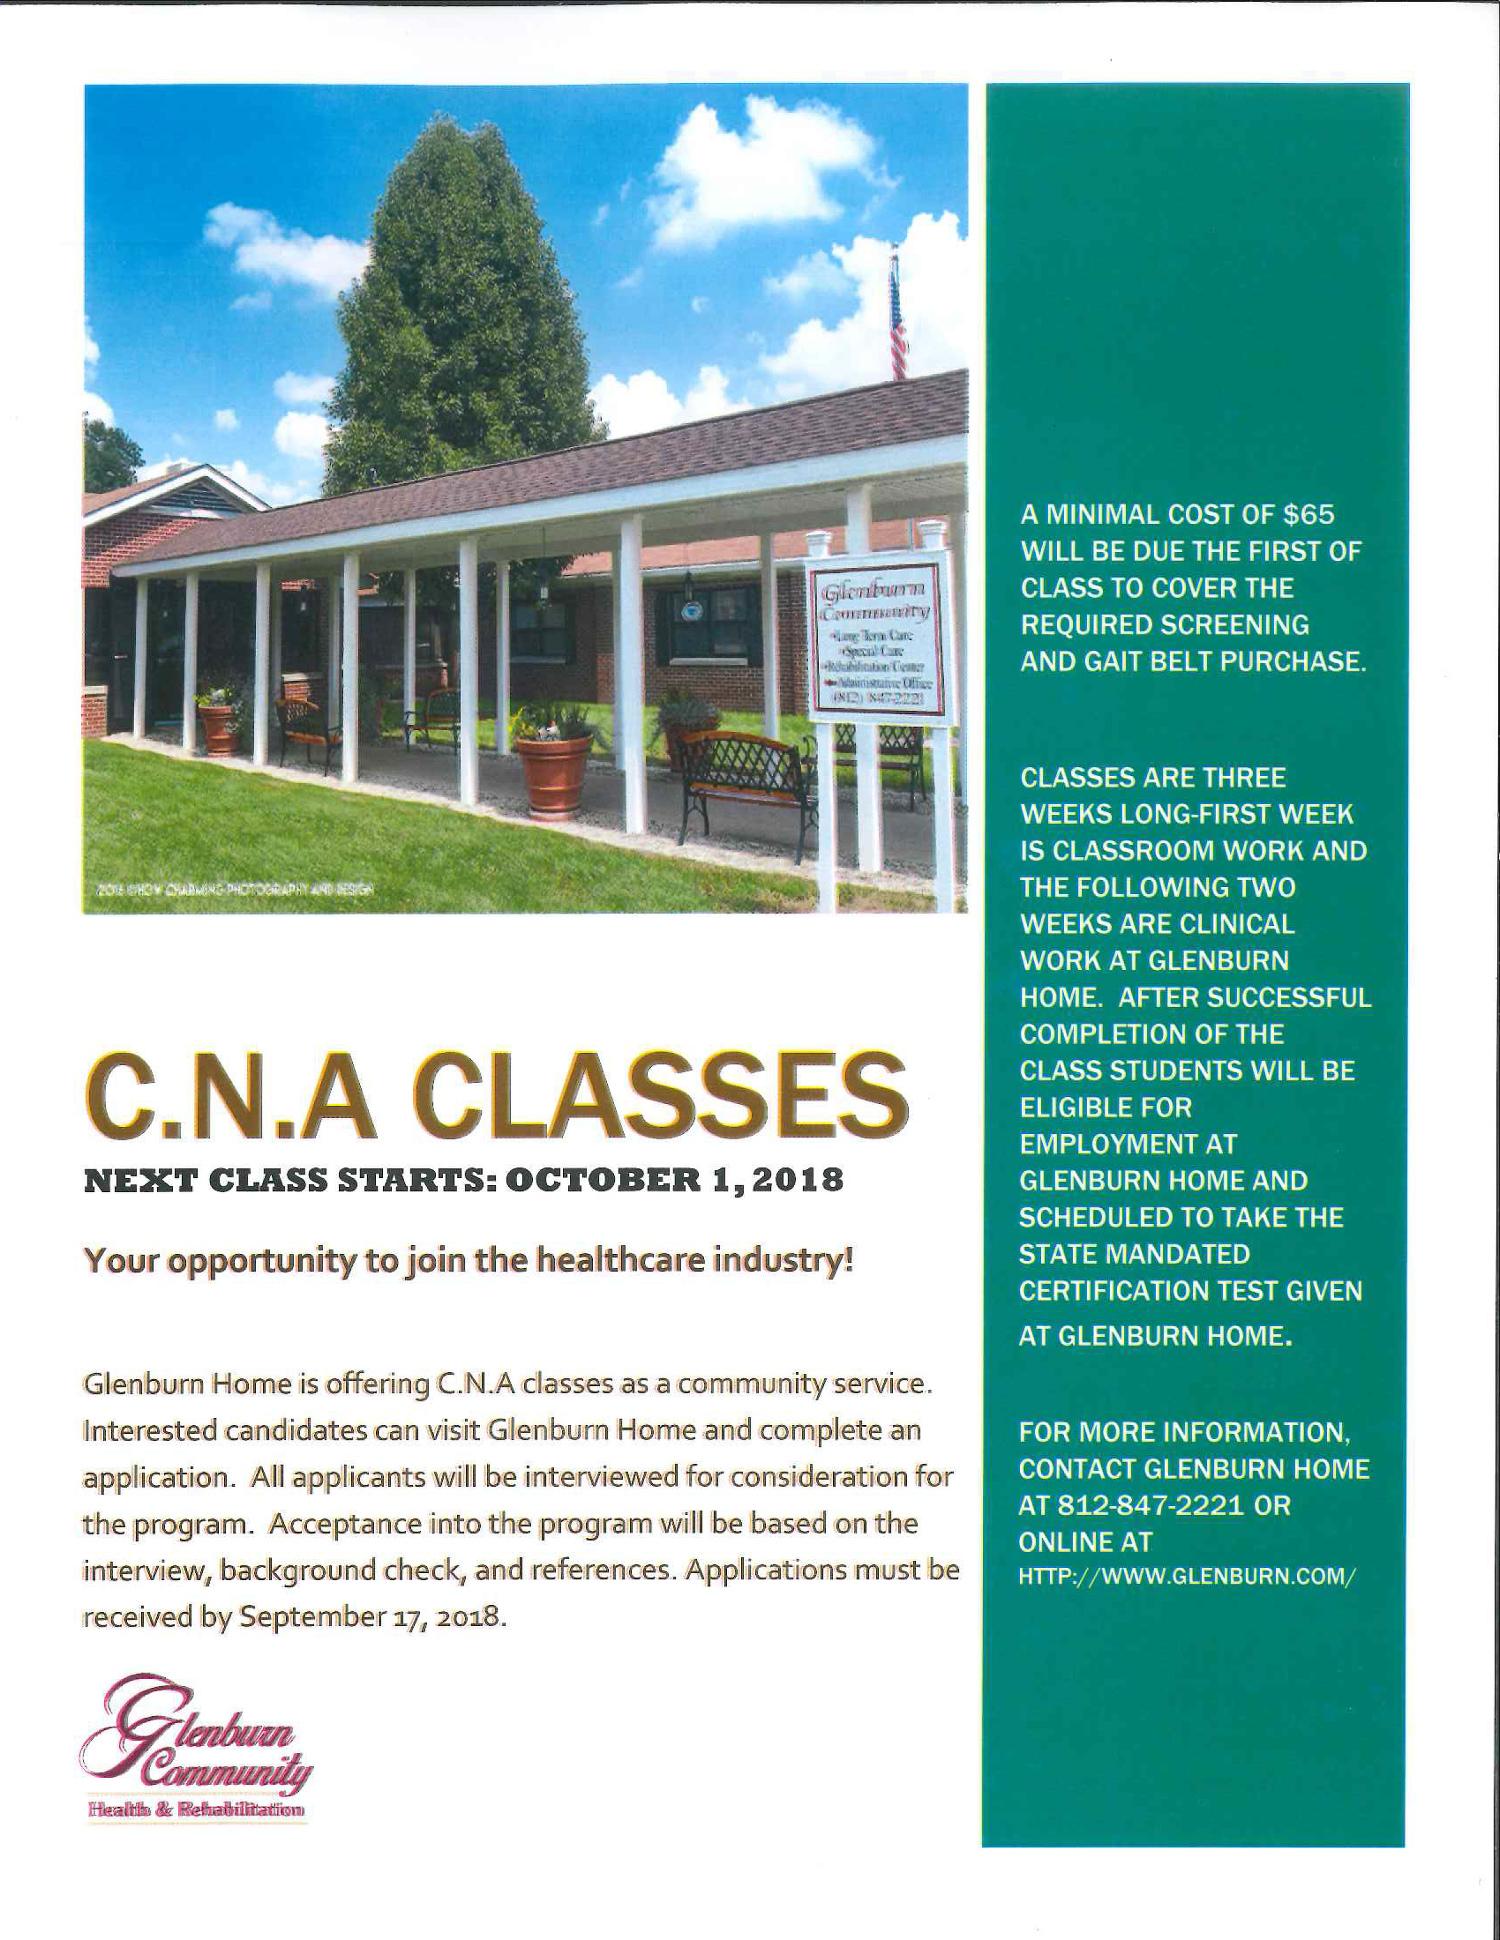 Cna Classes Glenburn Home